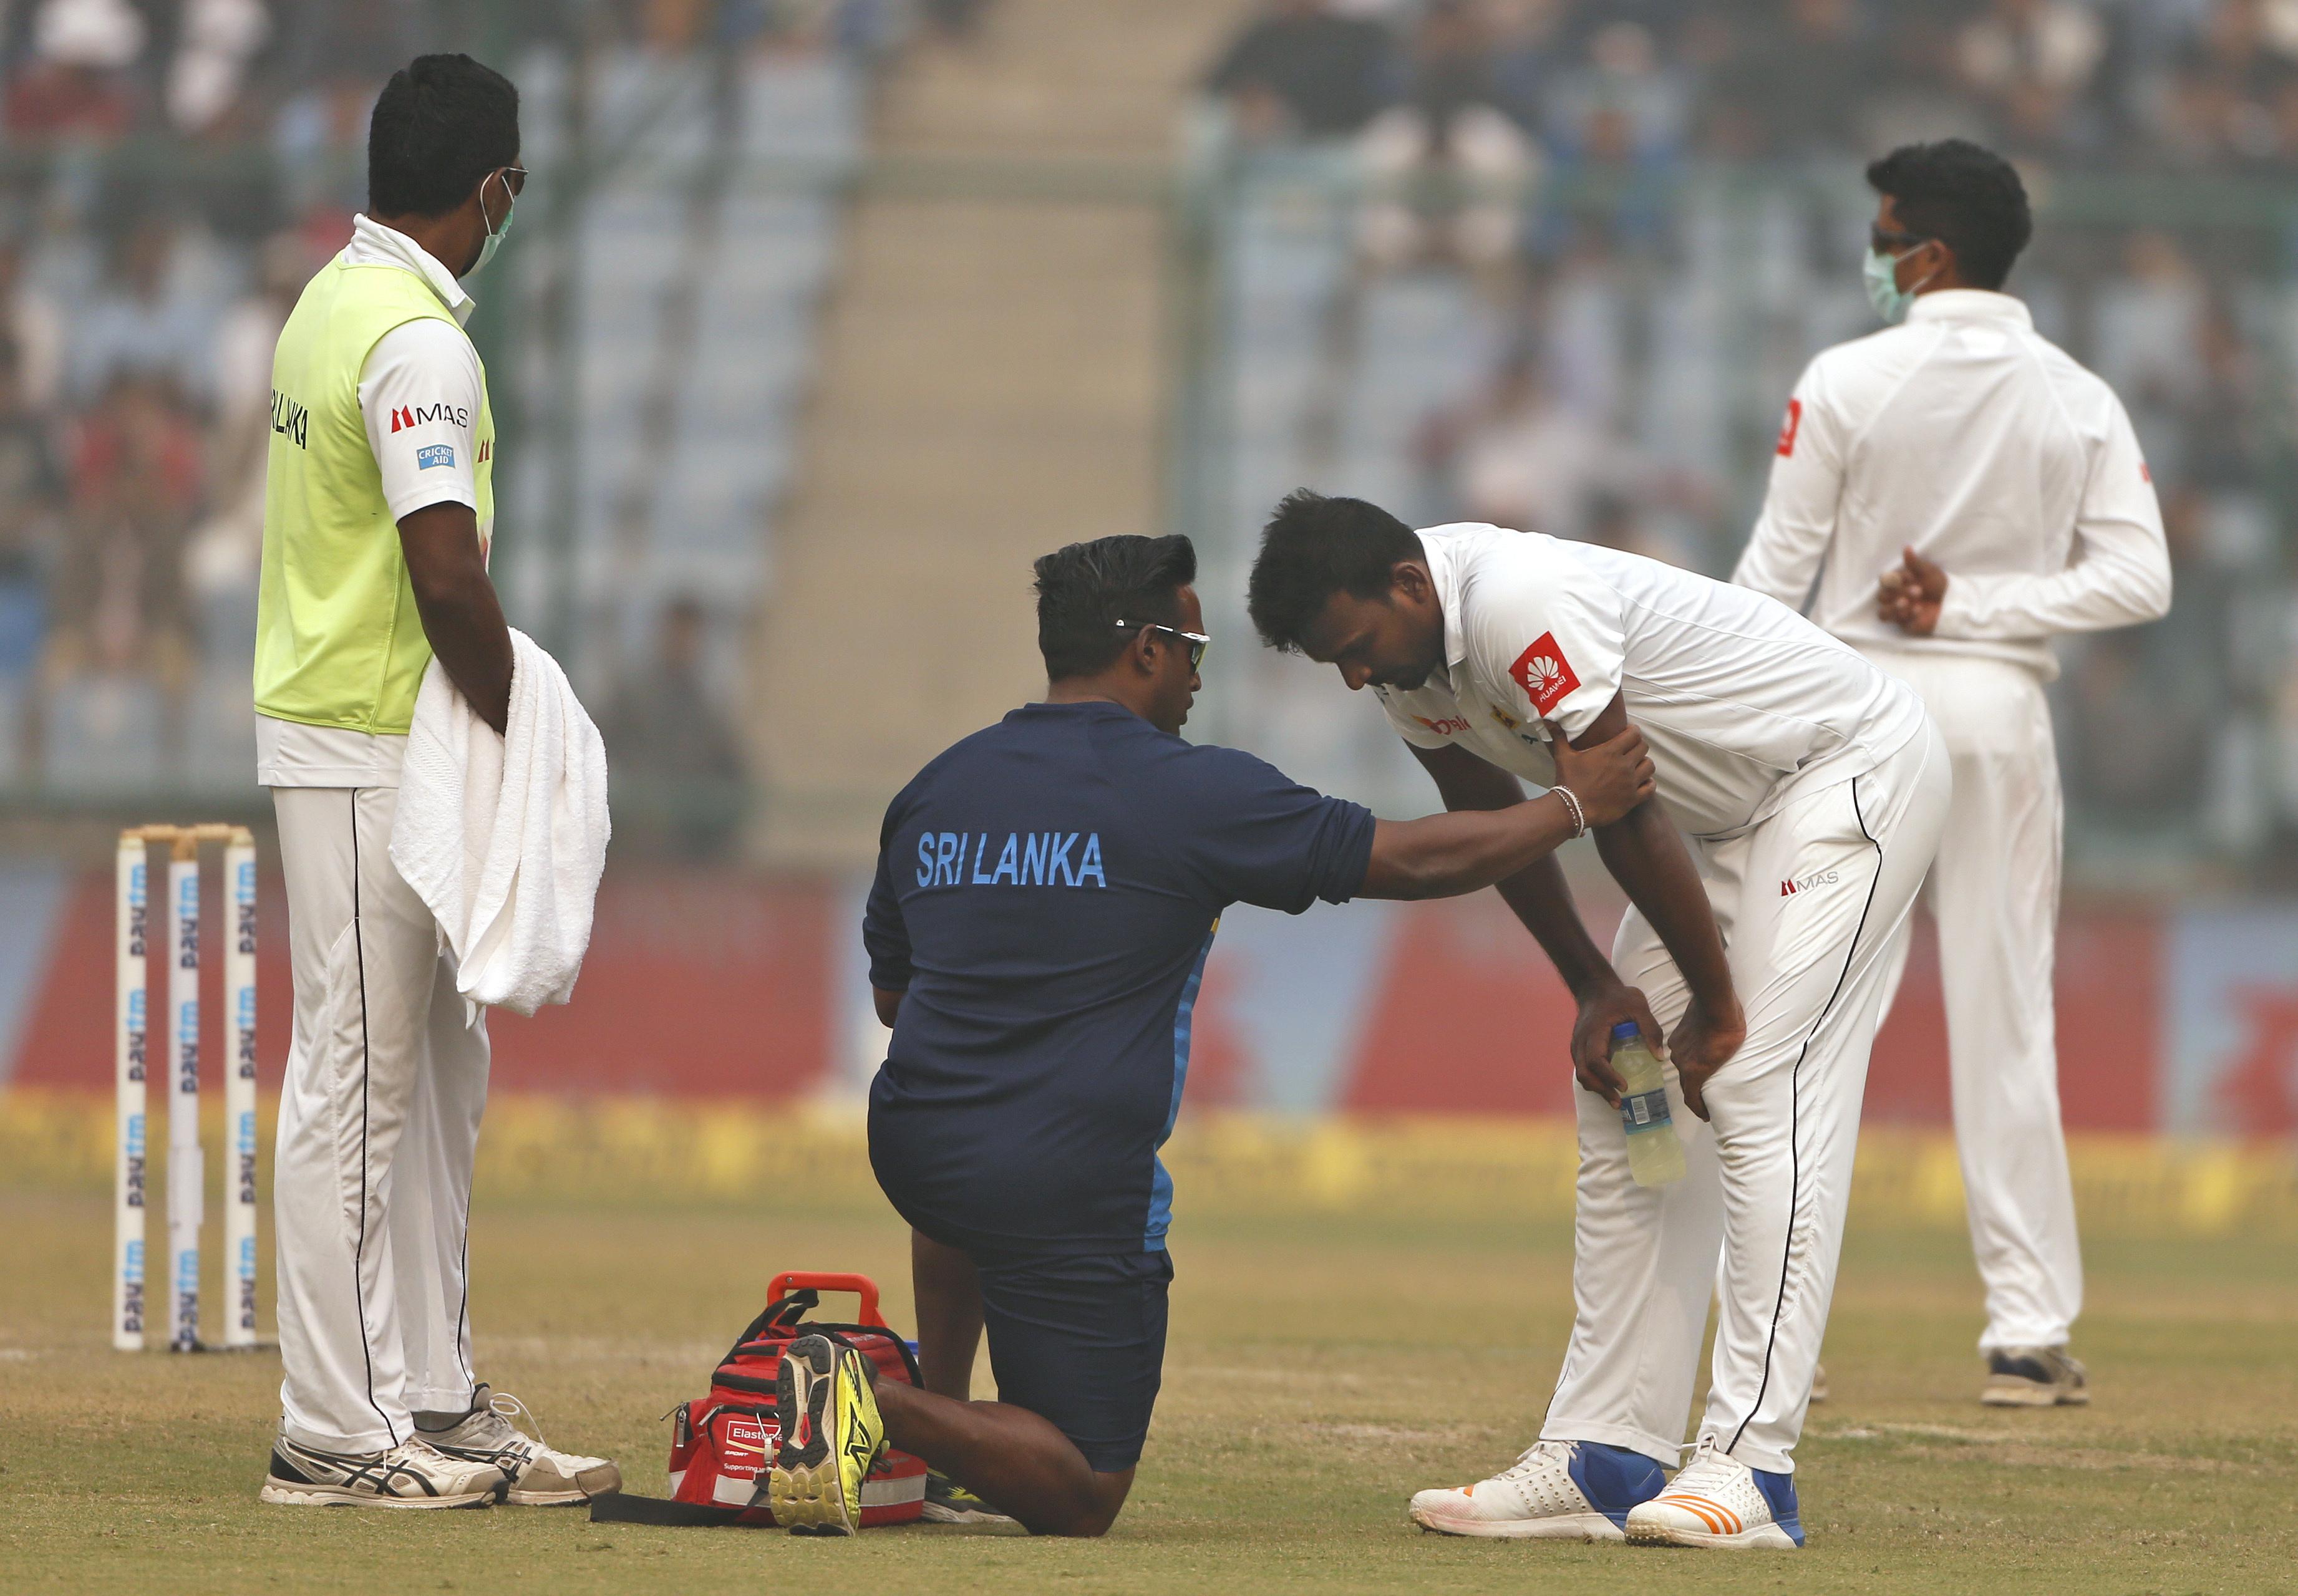 Meccs közben kezdtek hányni a krikettjátékosok a szennyezett levegőtől Delhiben